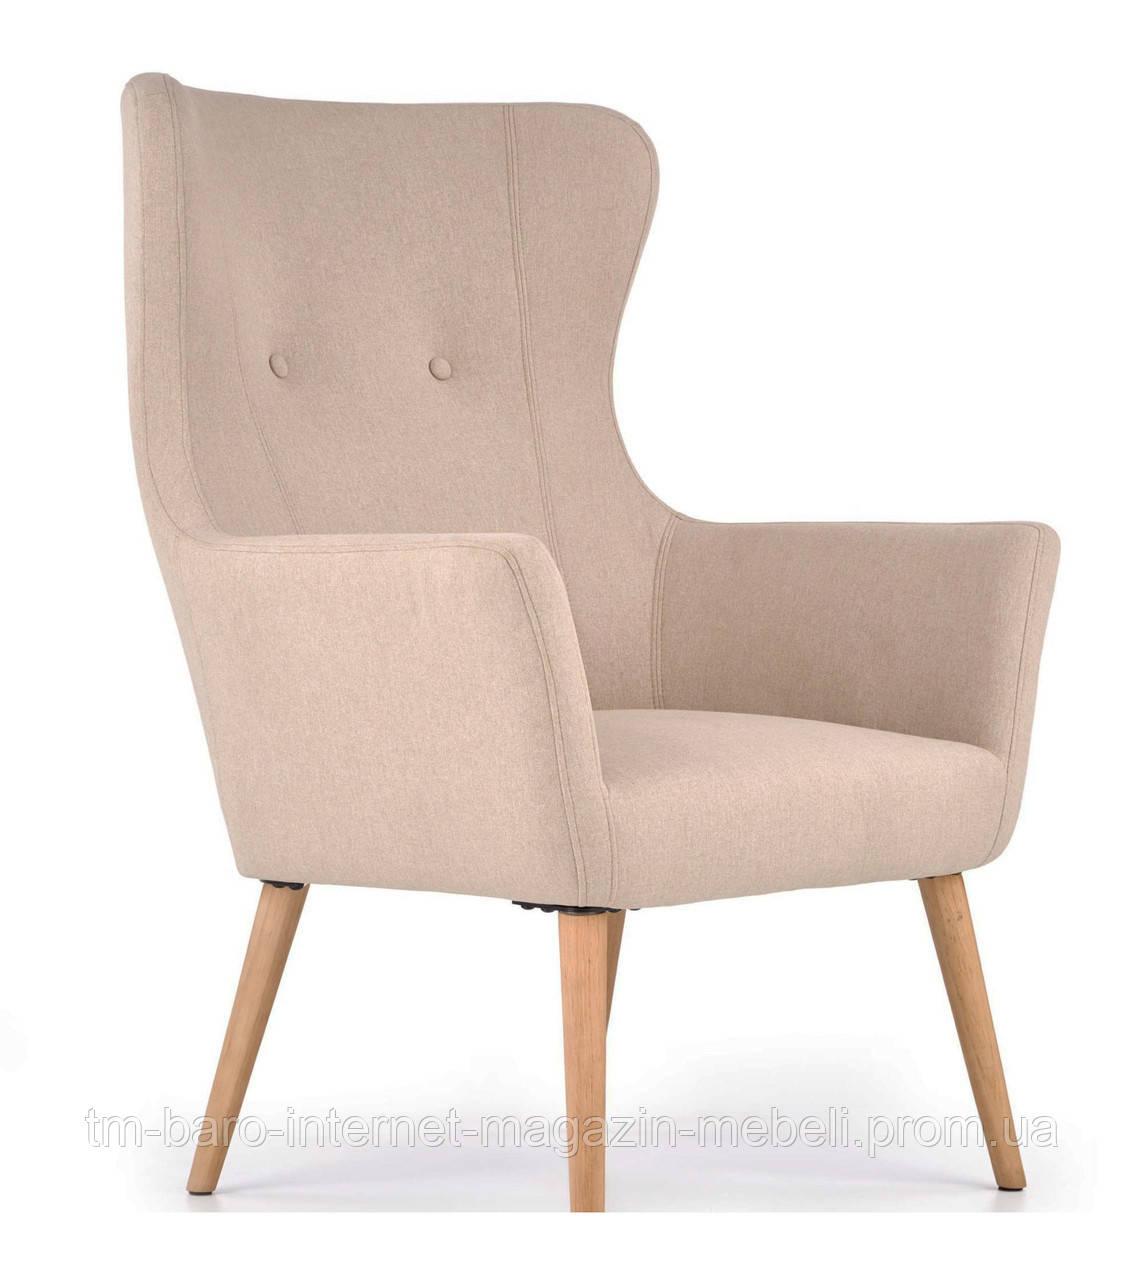 Кресло Cotto (Котто) бежевый, ткань, Halmar